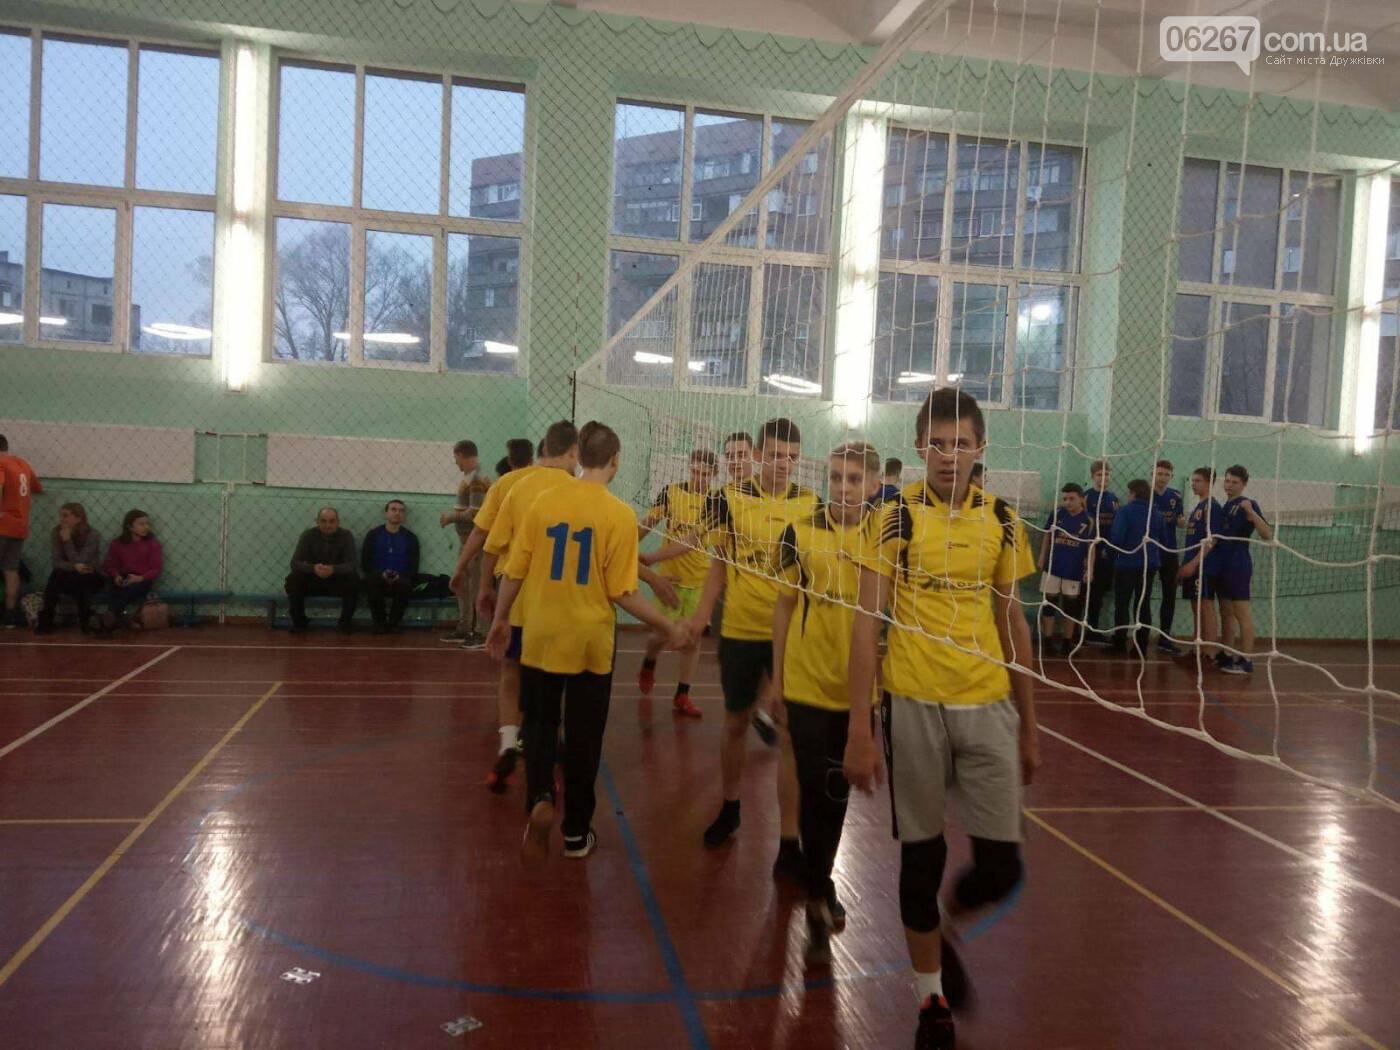 Дружковка: Стали известны призеры городского чемпионата по волейболу среди старшеклассников (ФОТО), фото-1